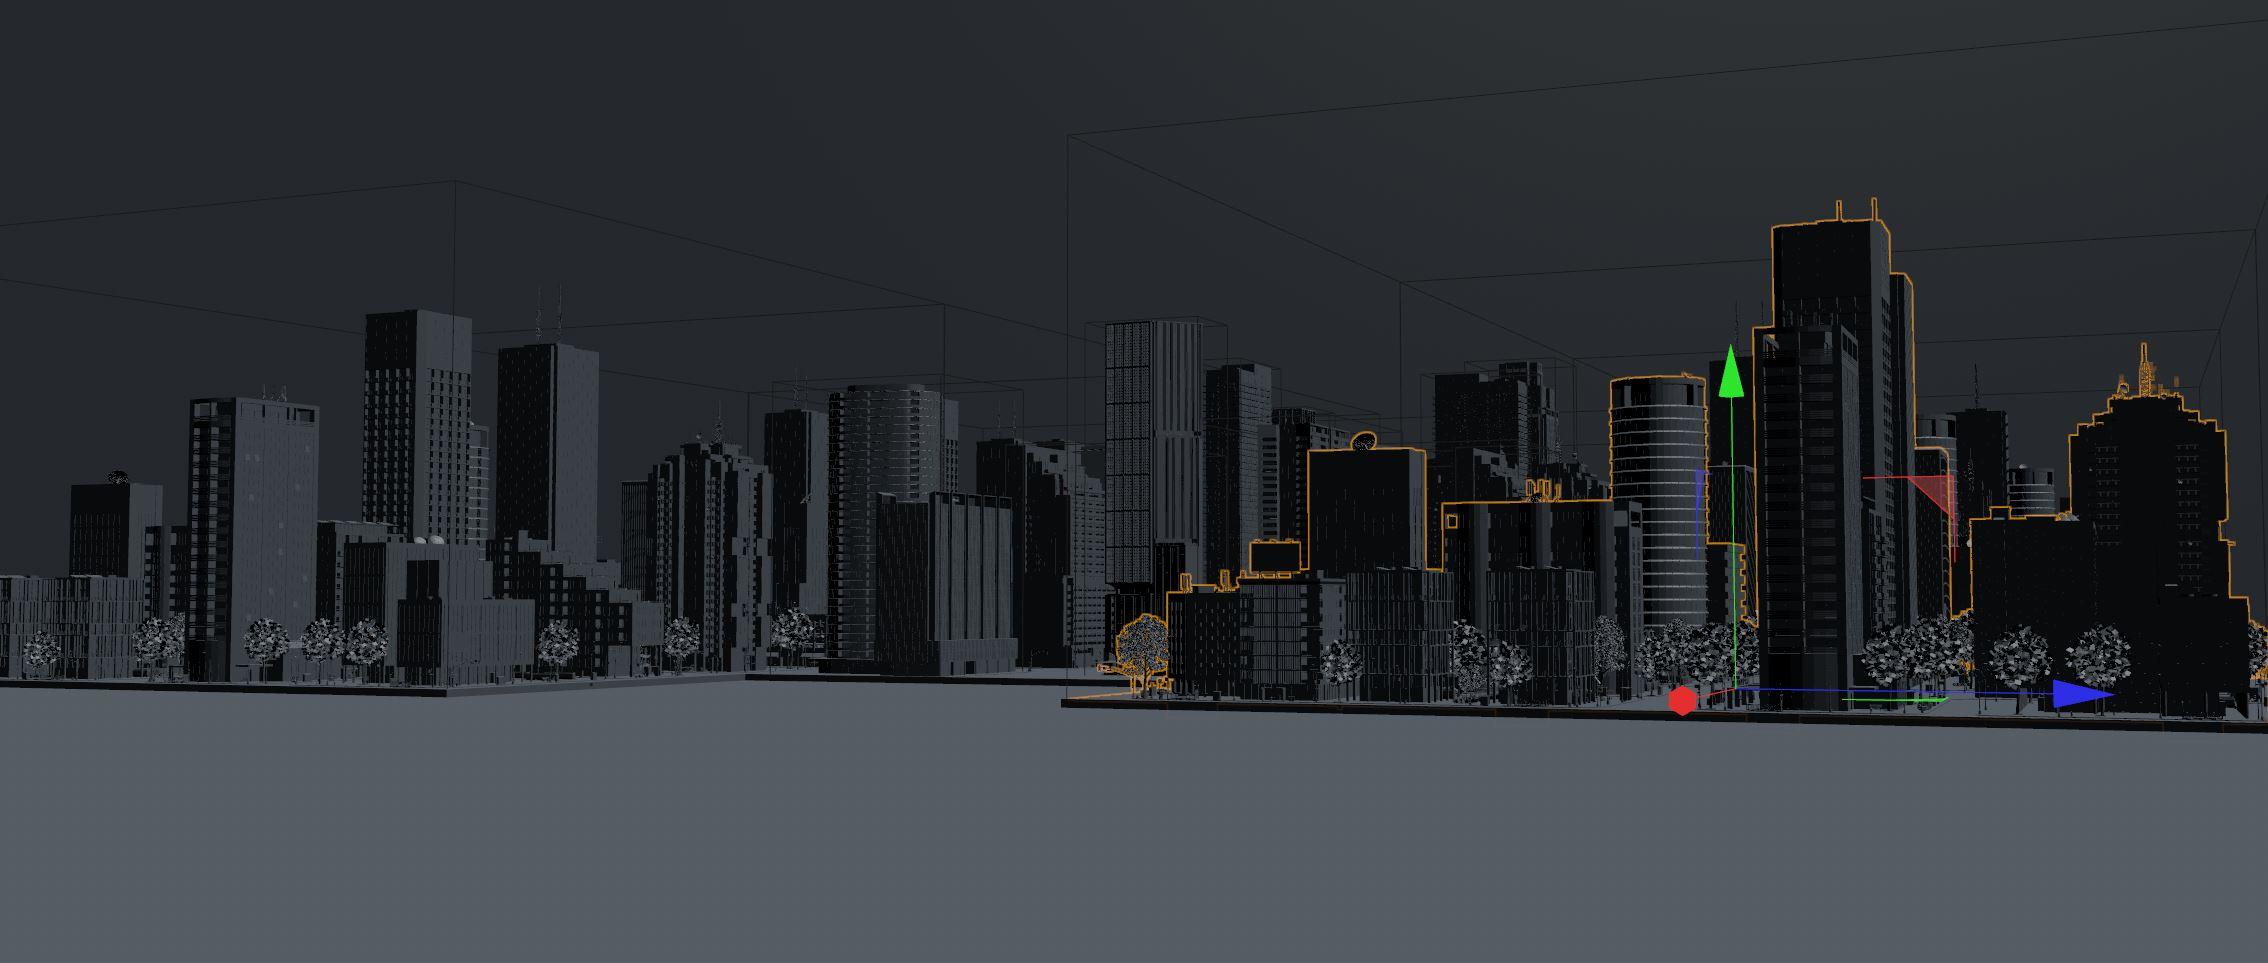 City_screenshot2.JPG